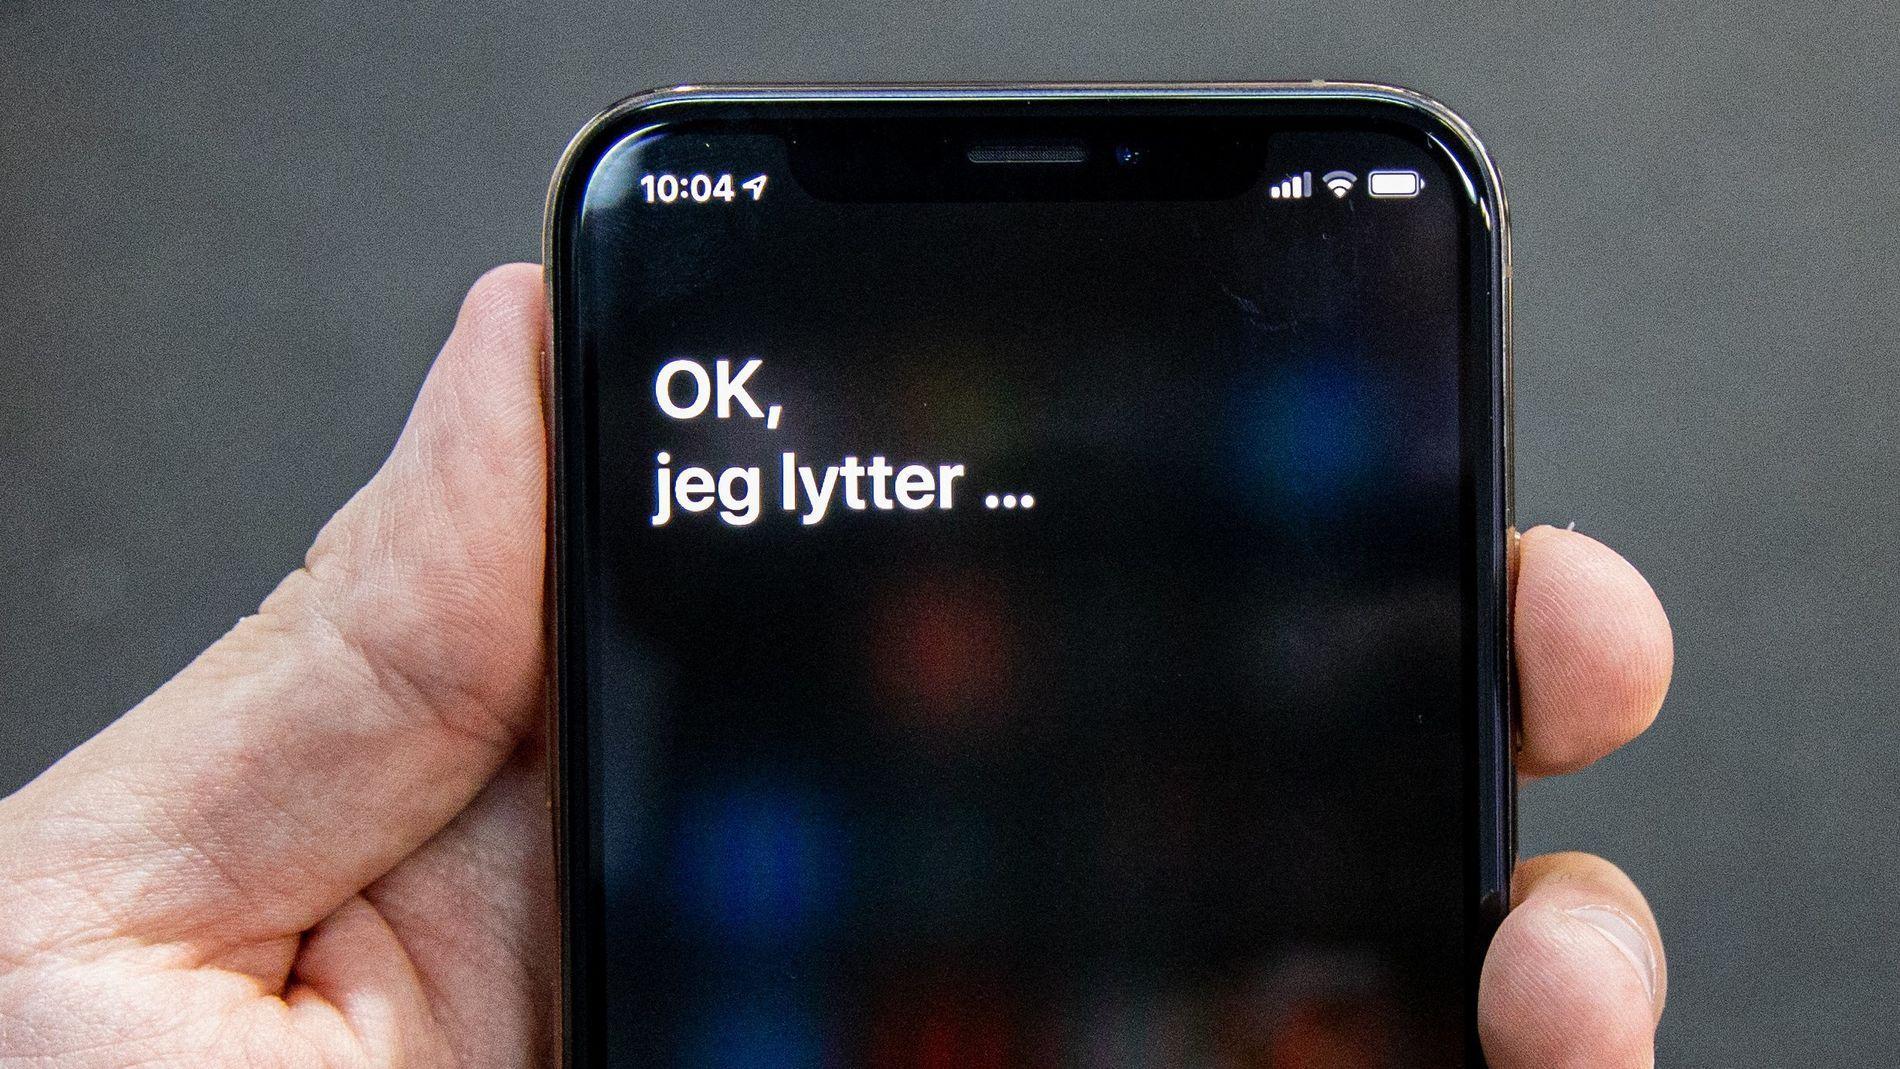 Nå gir Siri coronaråd til amerikanerne